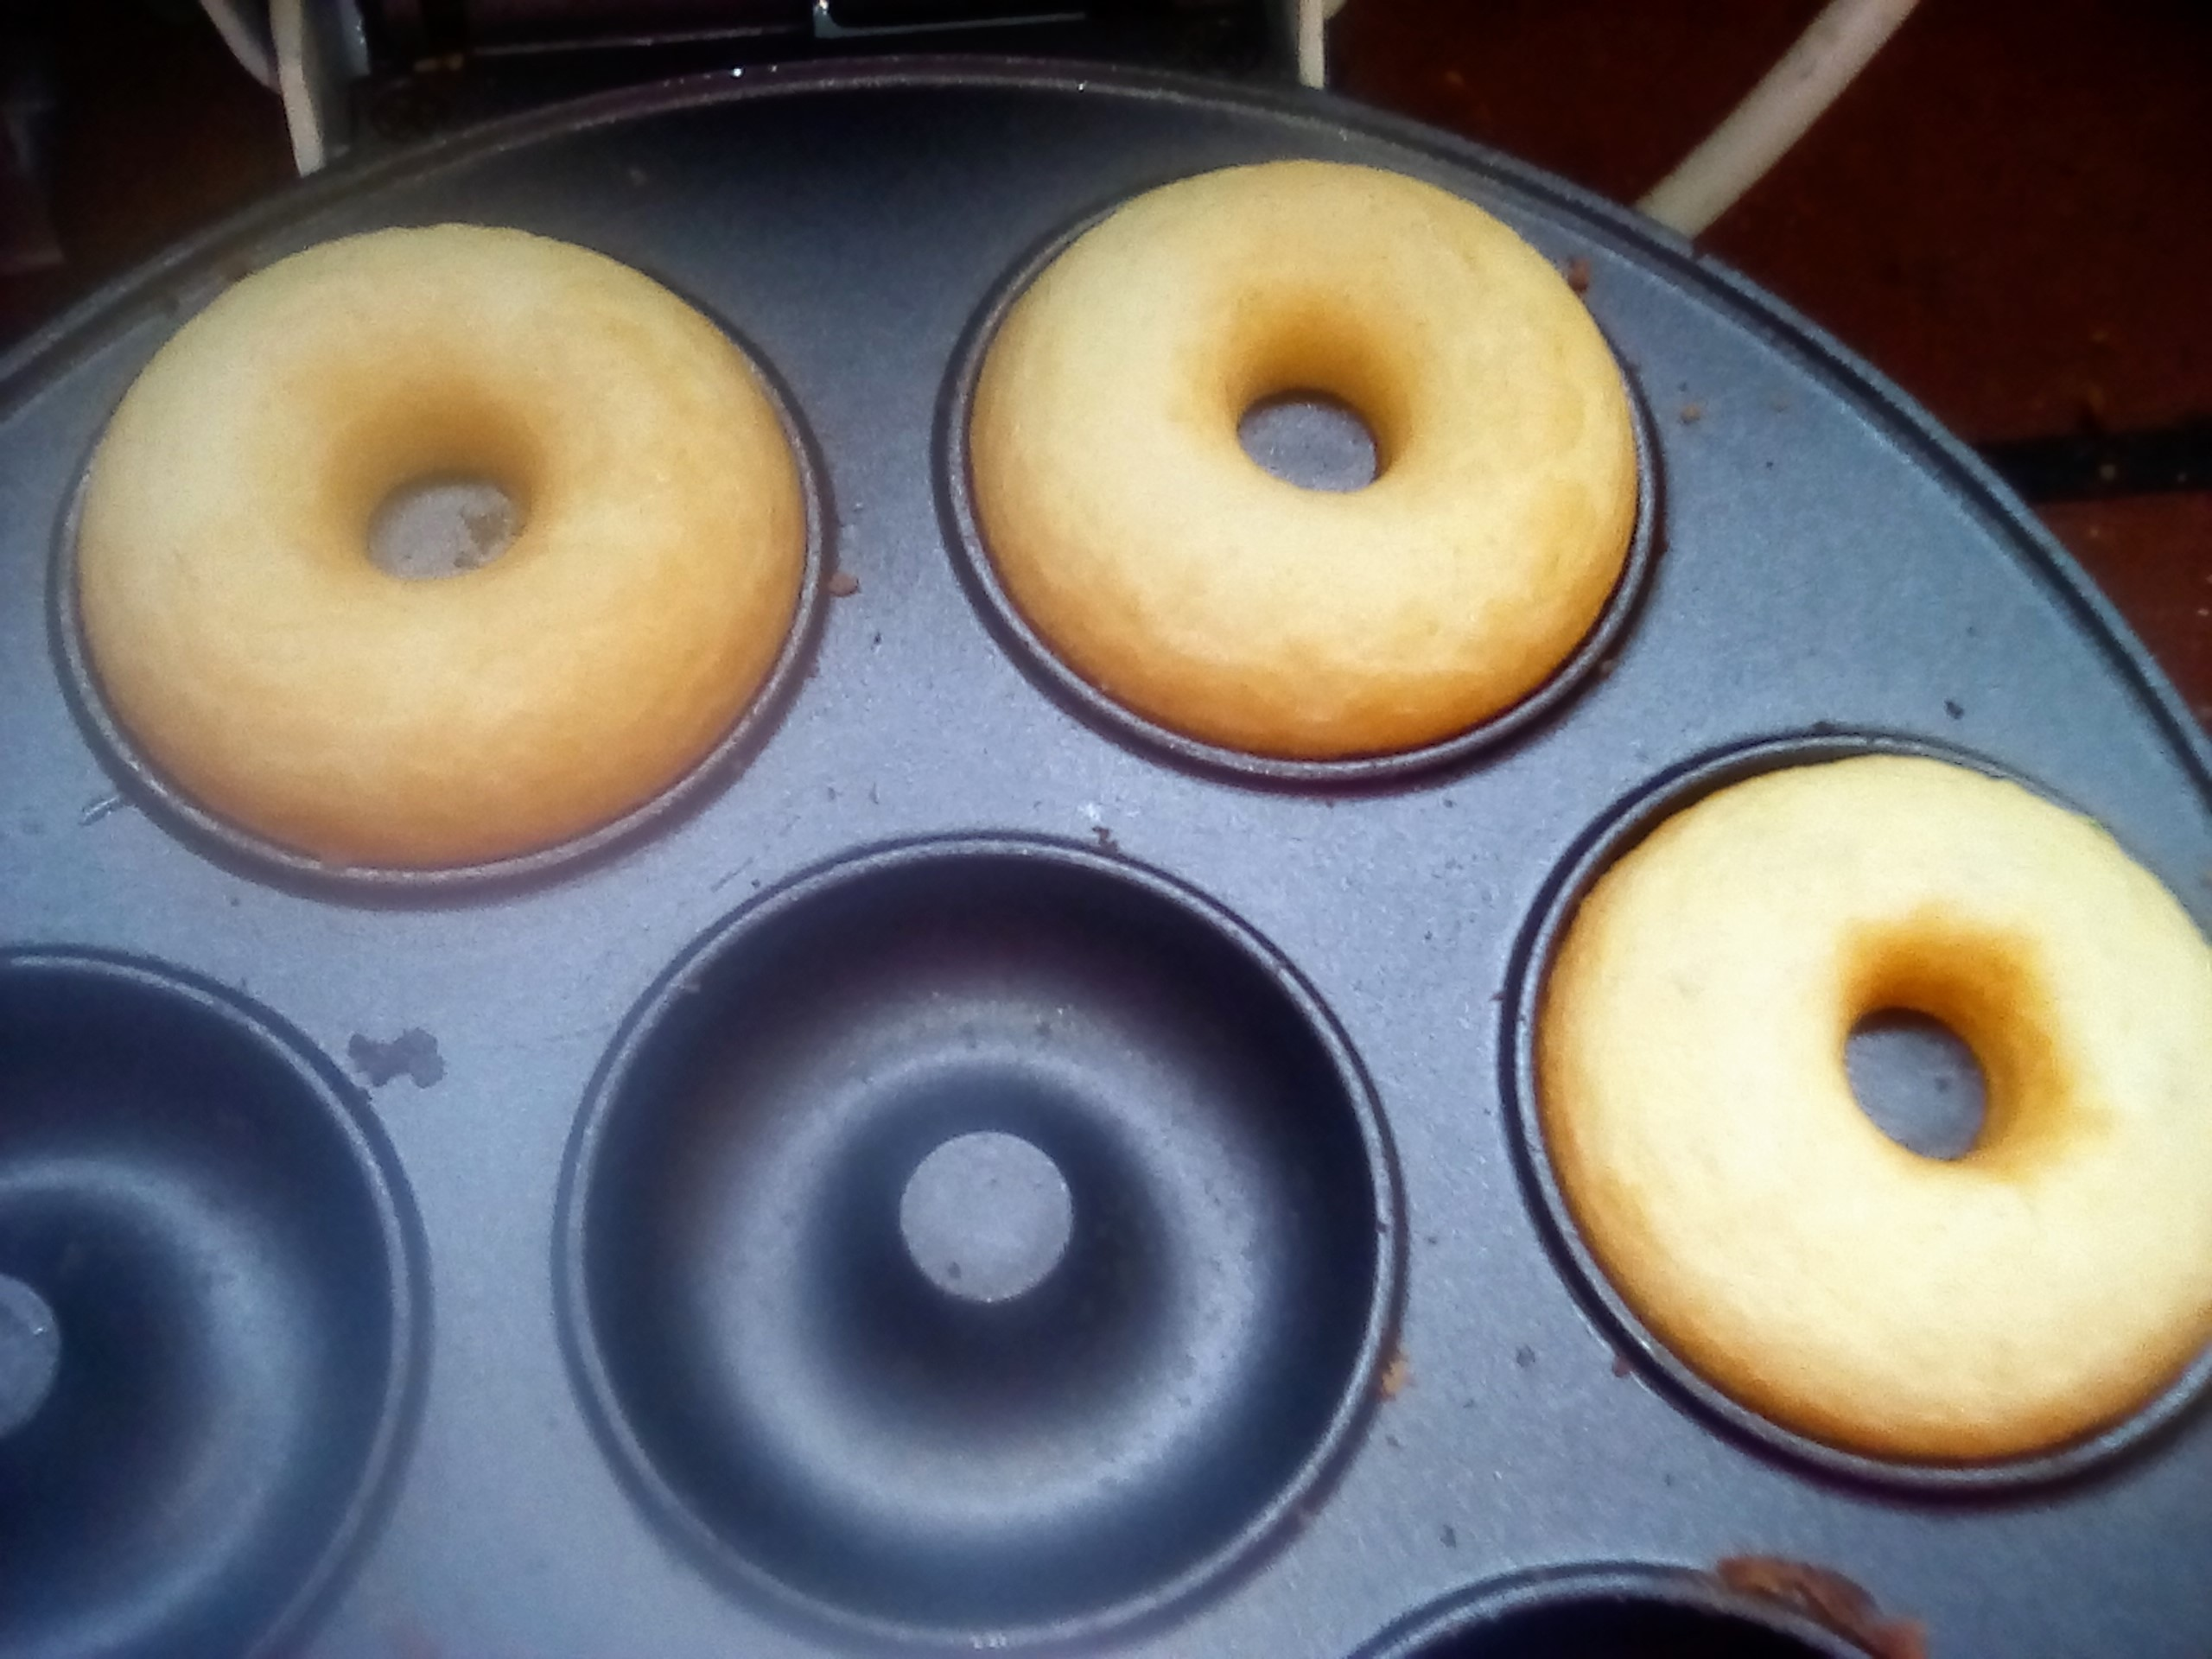 Ricetta Donuts Con Piastra Elettrica.Ciambelline Donuts Ricetta Con La Piastra